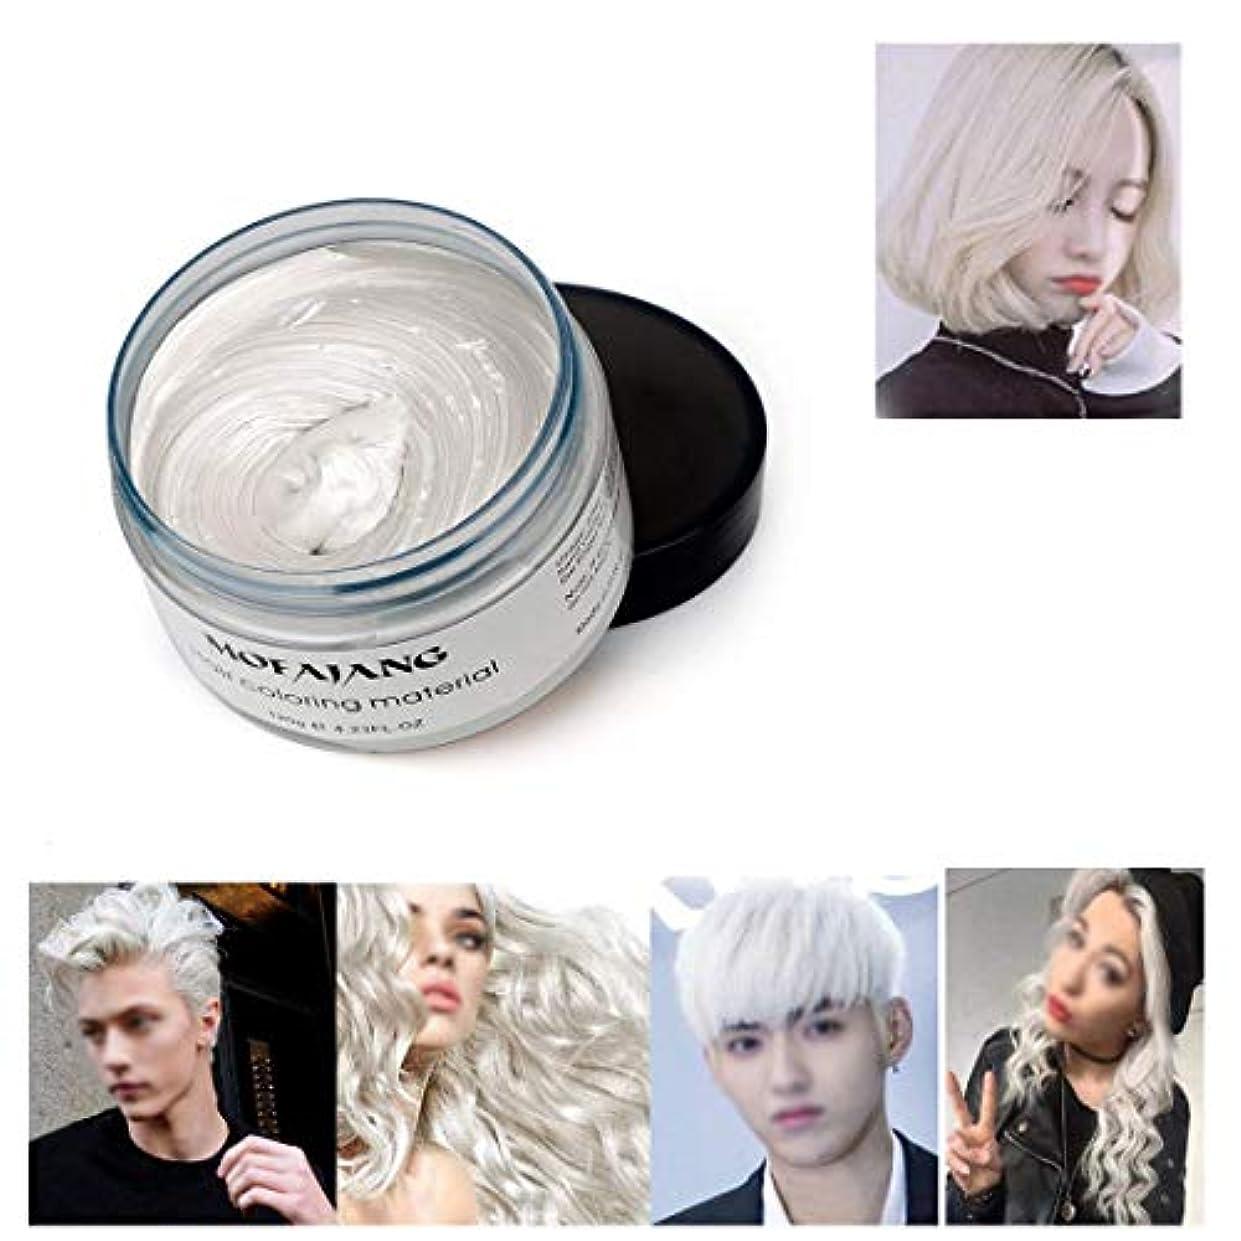 免除確認してください割合髪色ワックス,一度だけ一時的に自然色染料ヘアワックスをモデリング,パーティーのための自然なマット髪型。コスプレ、仮装、ナイトクラブ、ハロウィーン (ホワイト)